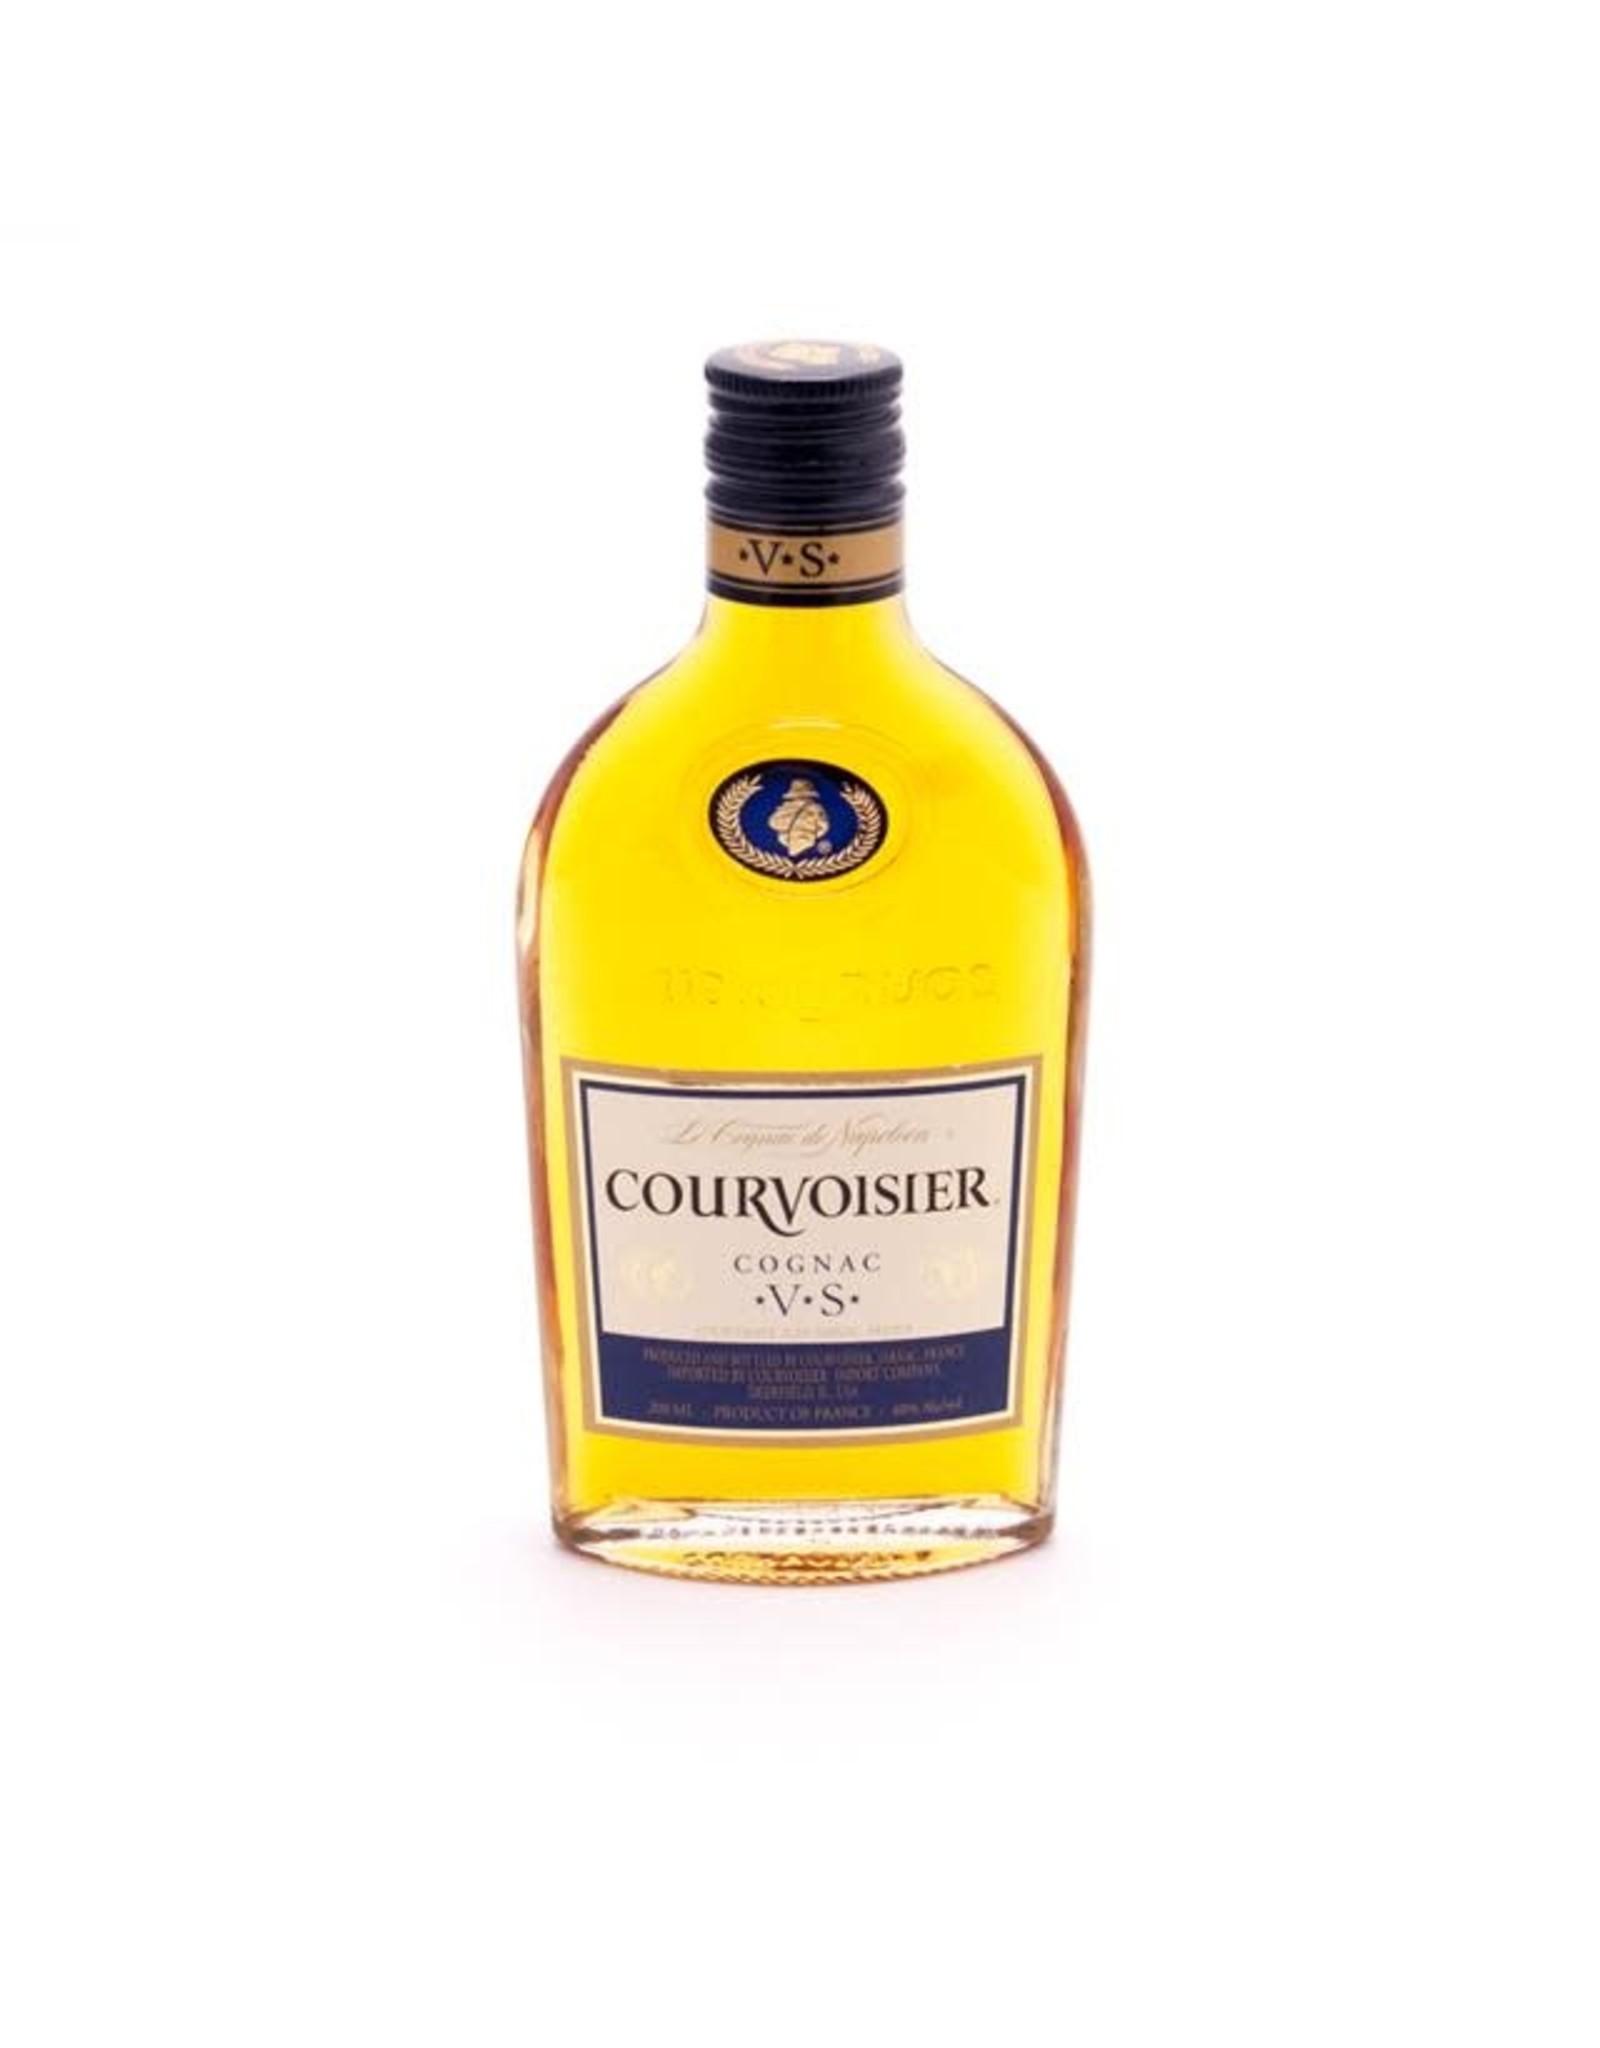 COURVOISIER VS COGNAC 200ml